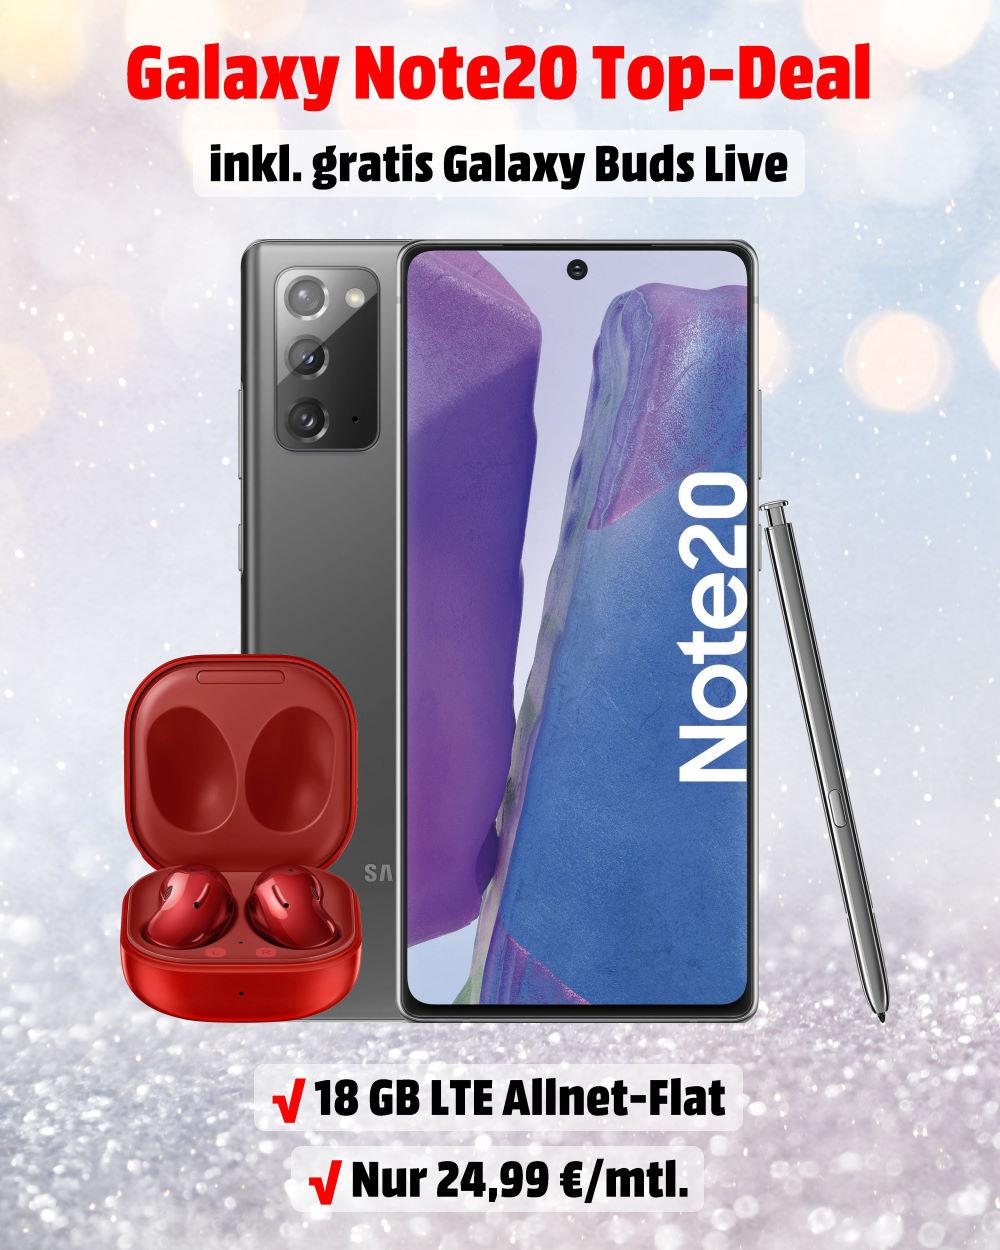 Galaxy Note20 mit Galaxy Buds Live und 18 GB LTE Allnet-Flat - Handytarifvergleich